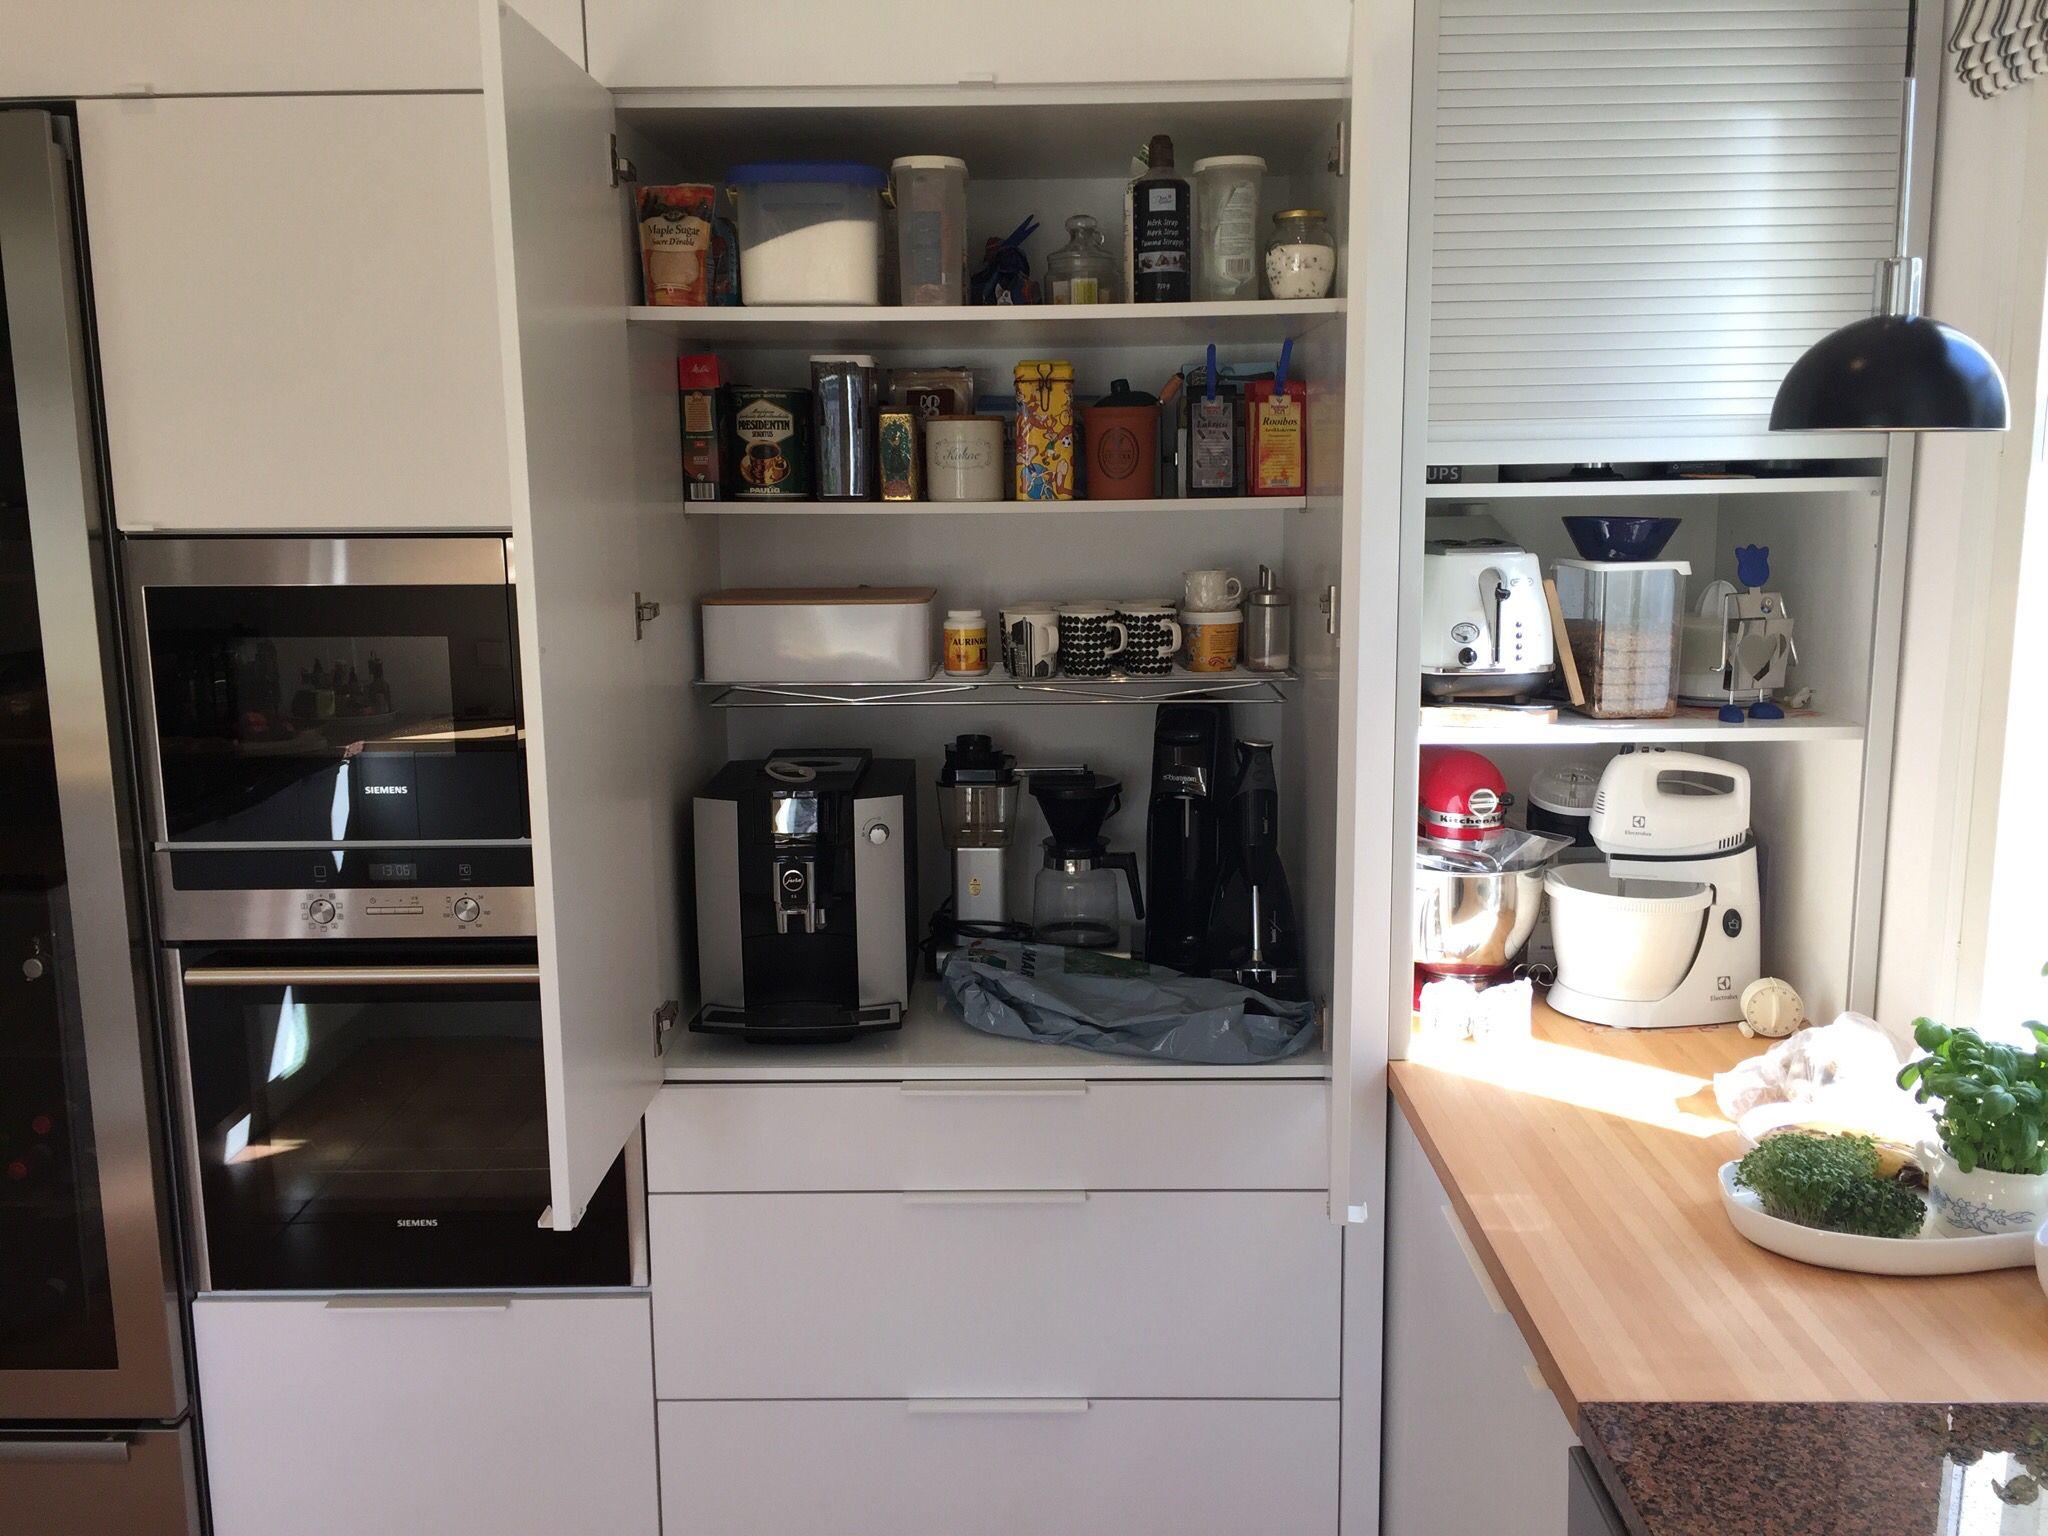 Aamiaiskaappi  Puustelli keittiö  kök  kitchen by Thomas Berglund  puuste